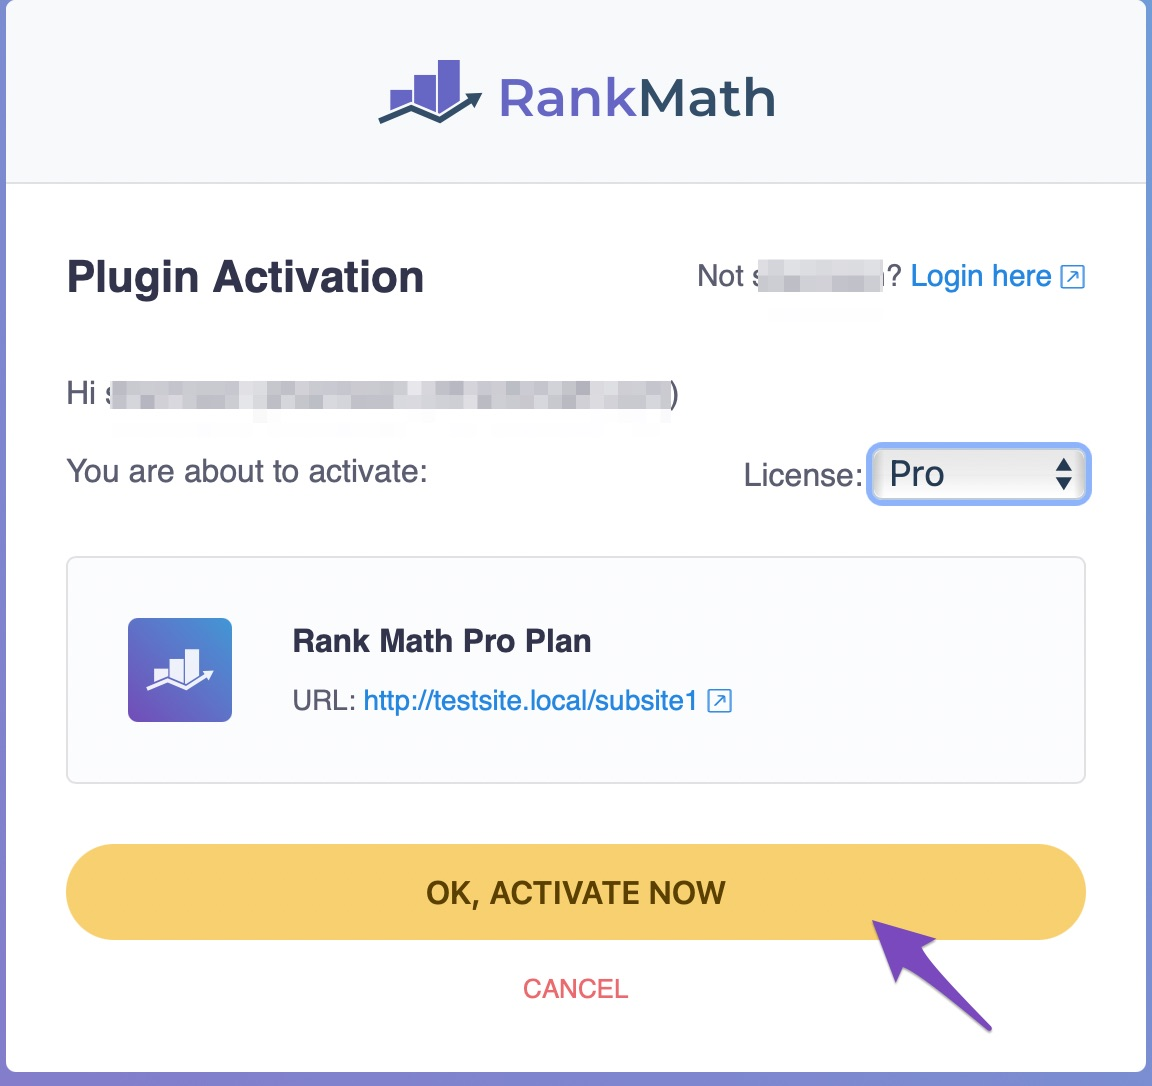 Rank Math PRO plugin activation